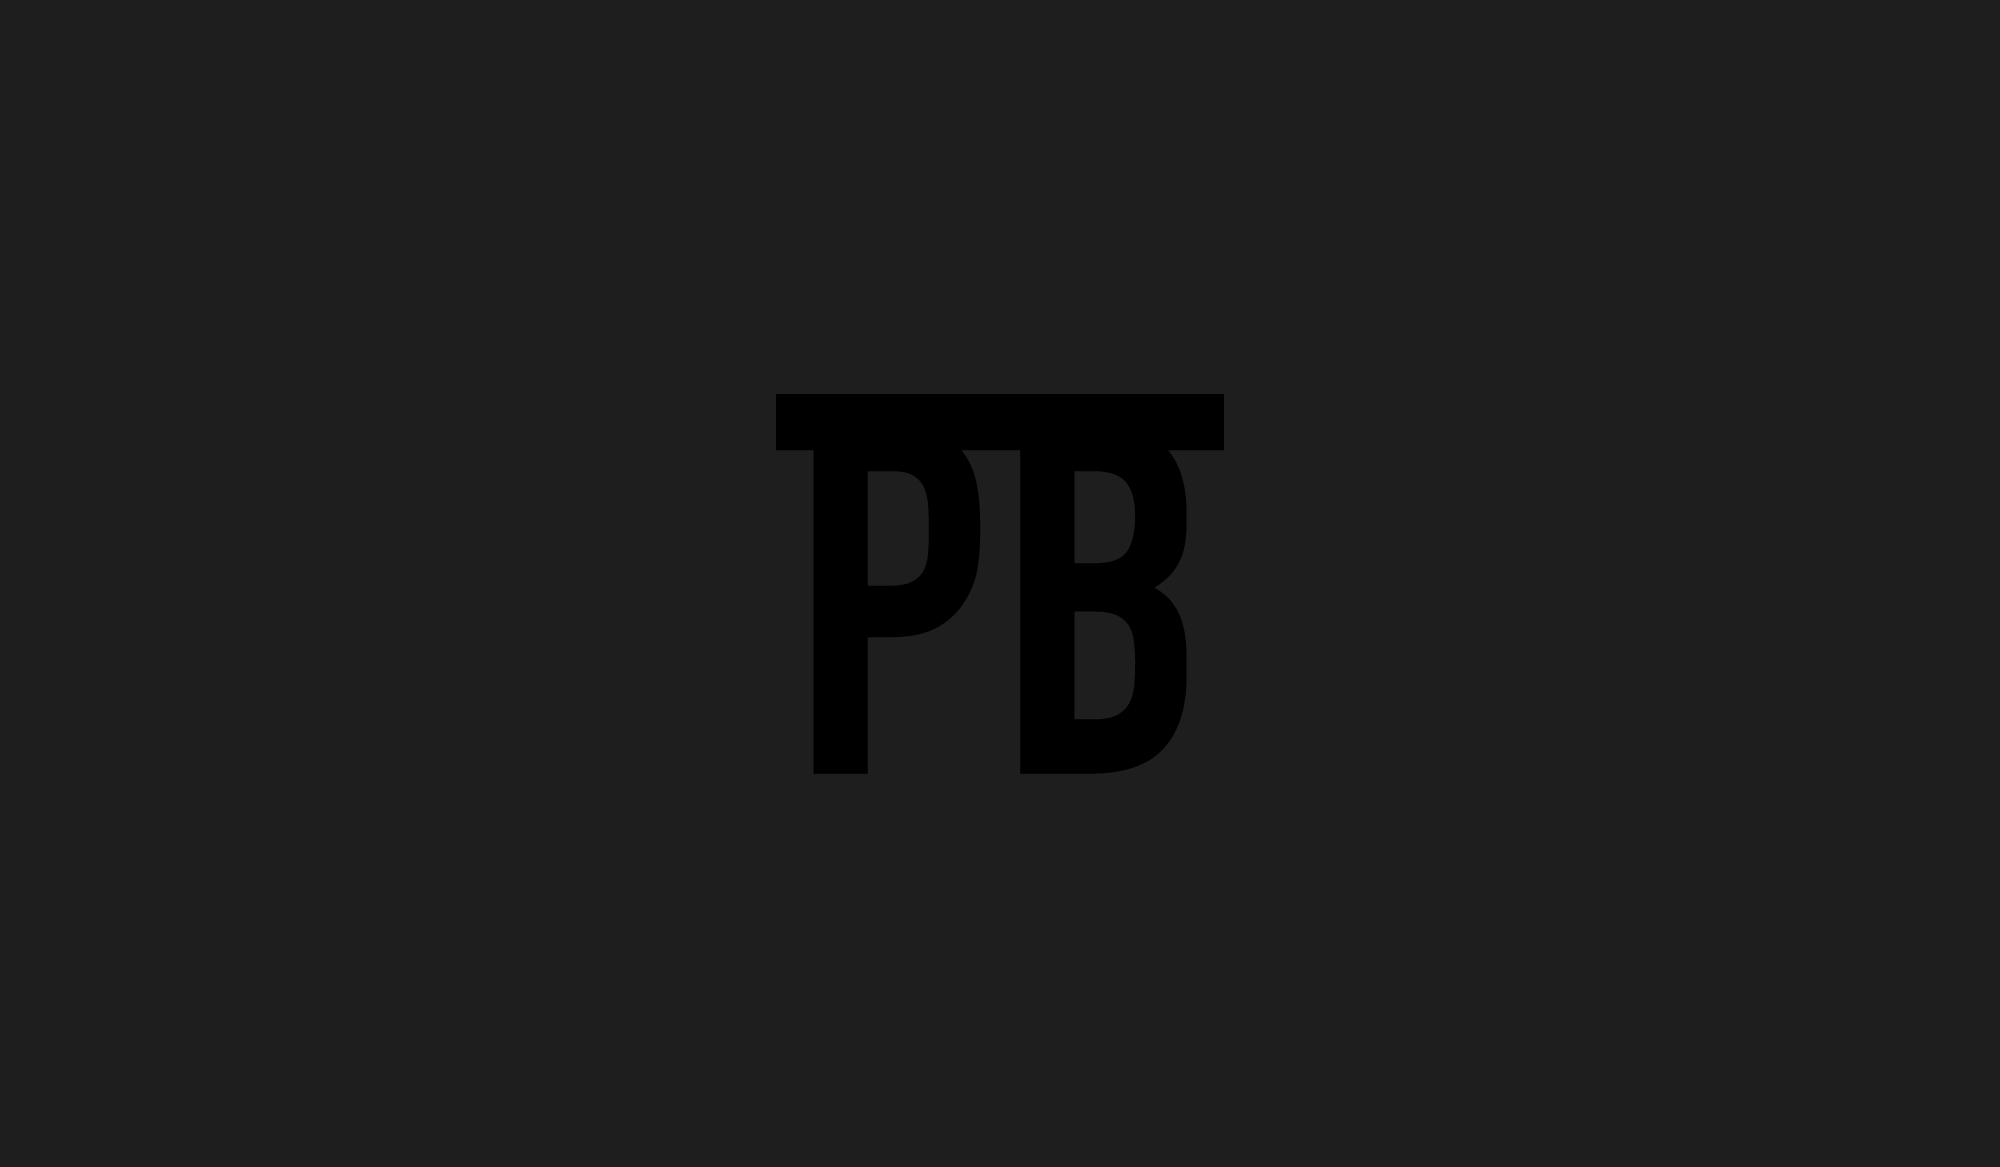 DPTOMX_LOGOS-13.png